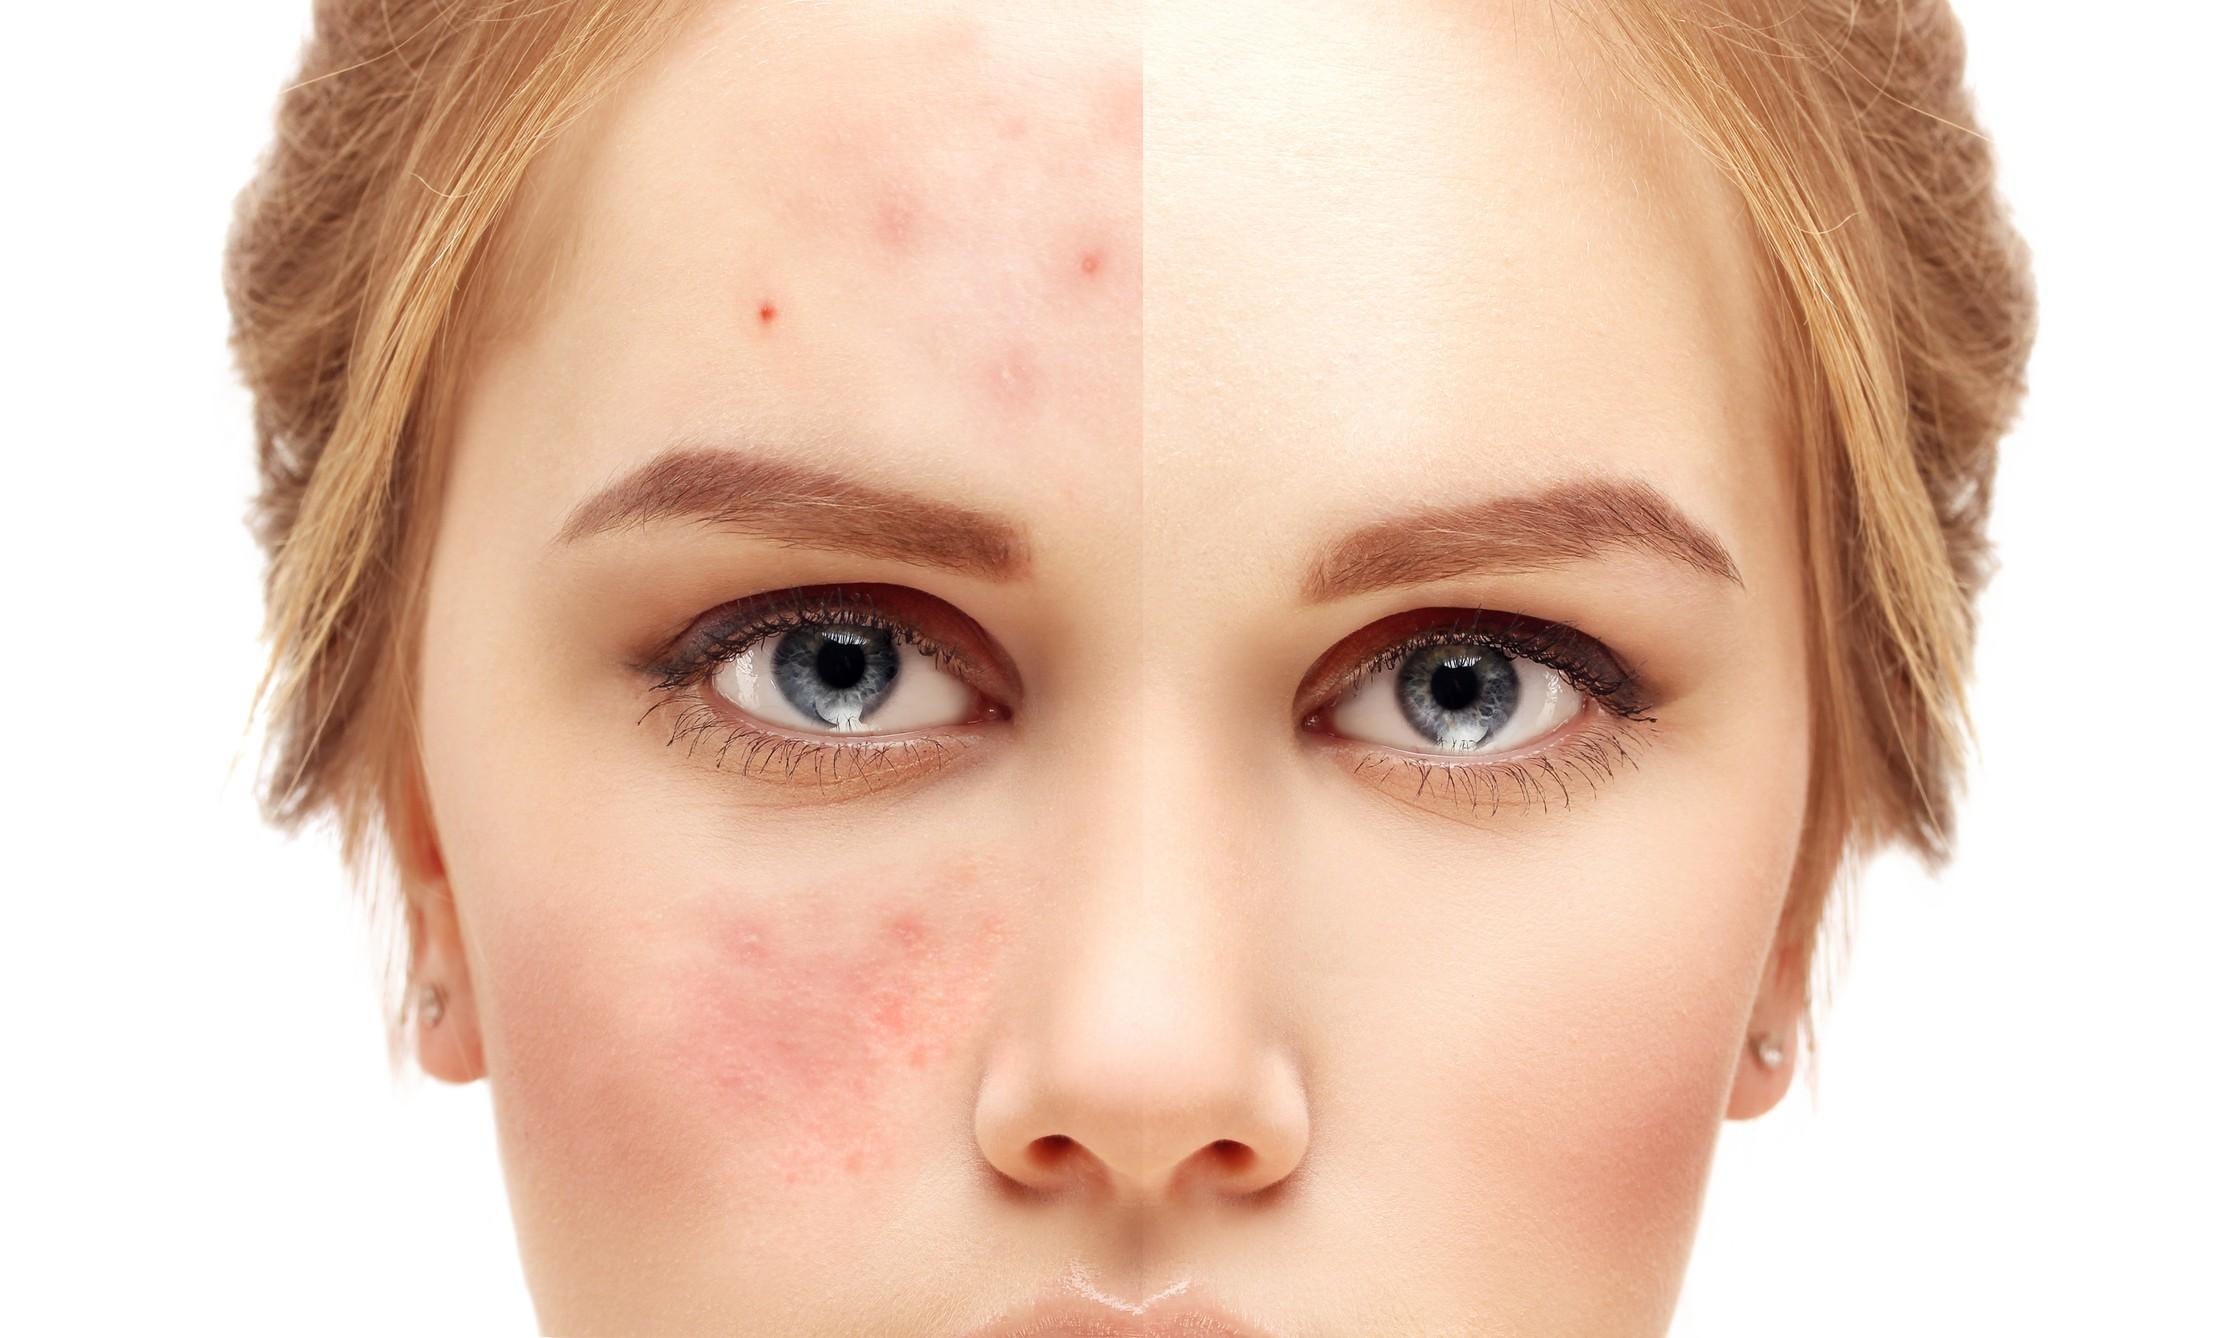 Microbiota com função de proteger a pele (Foto: Getty Images)